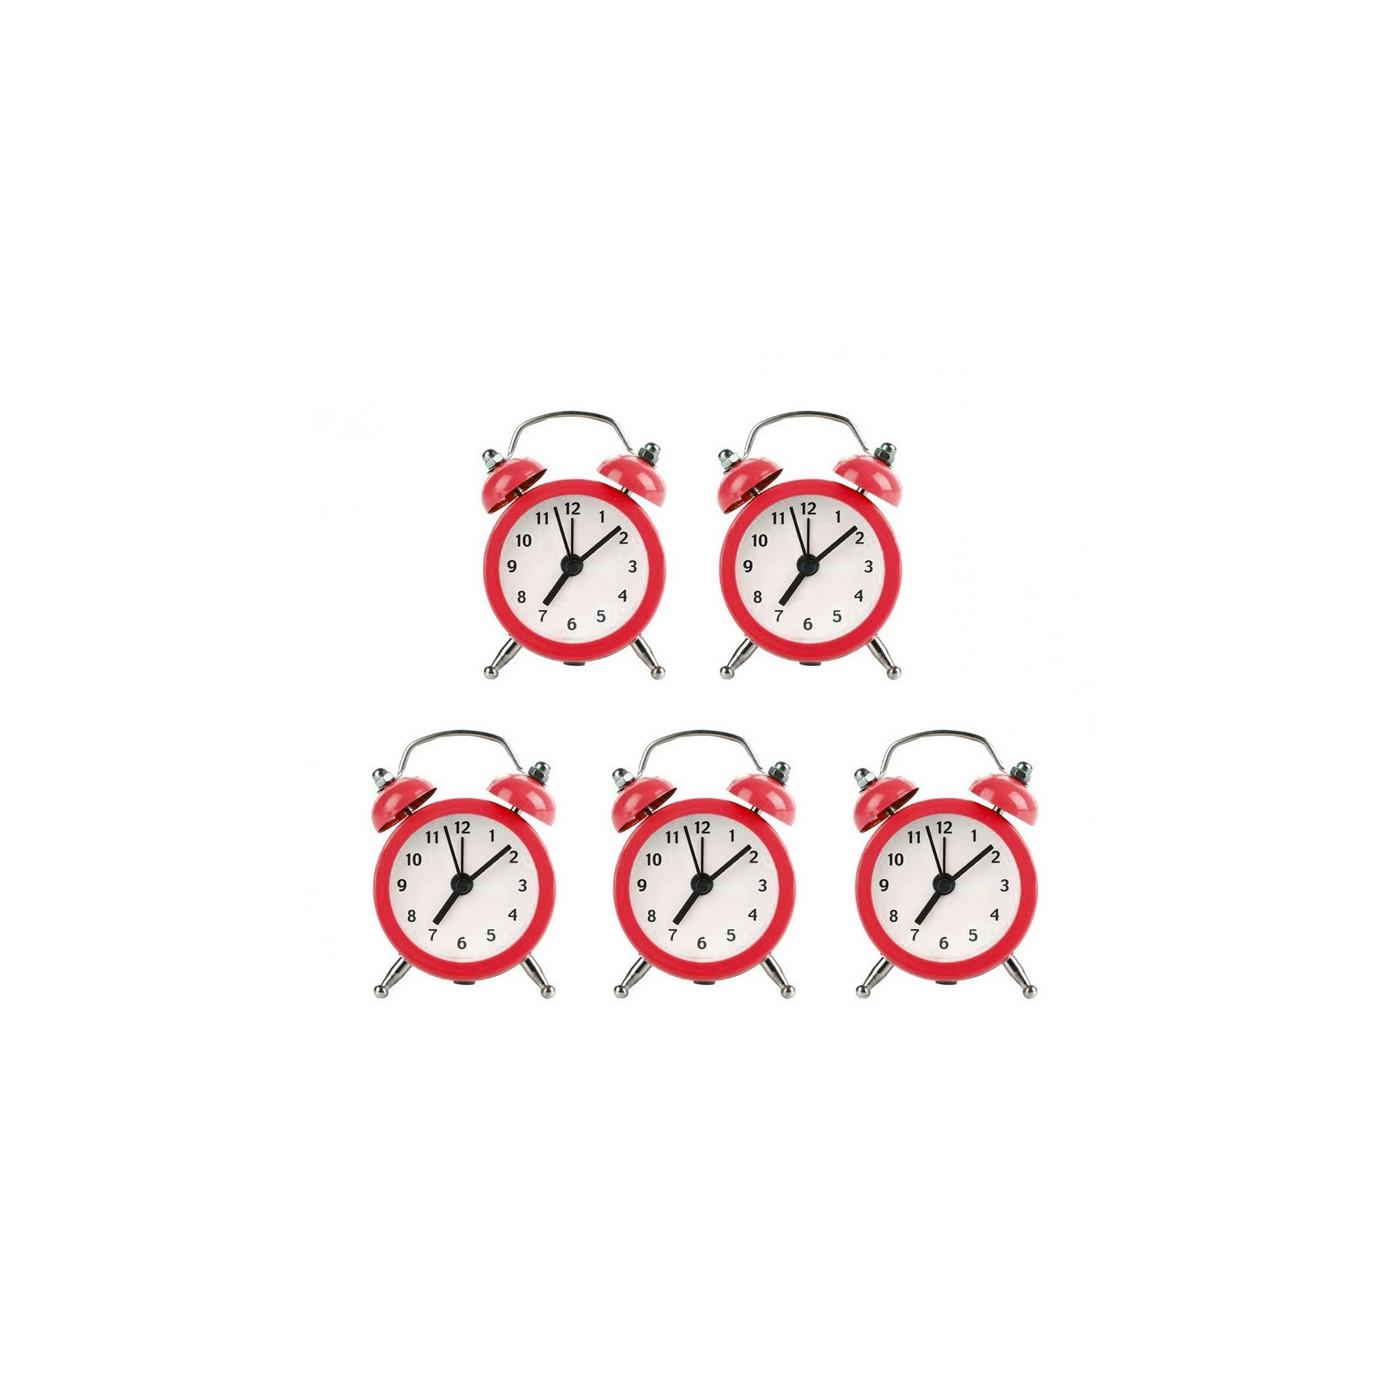 Ensemble de 5 petits réveils rigolos (rouge, pile)